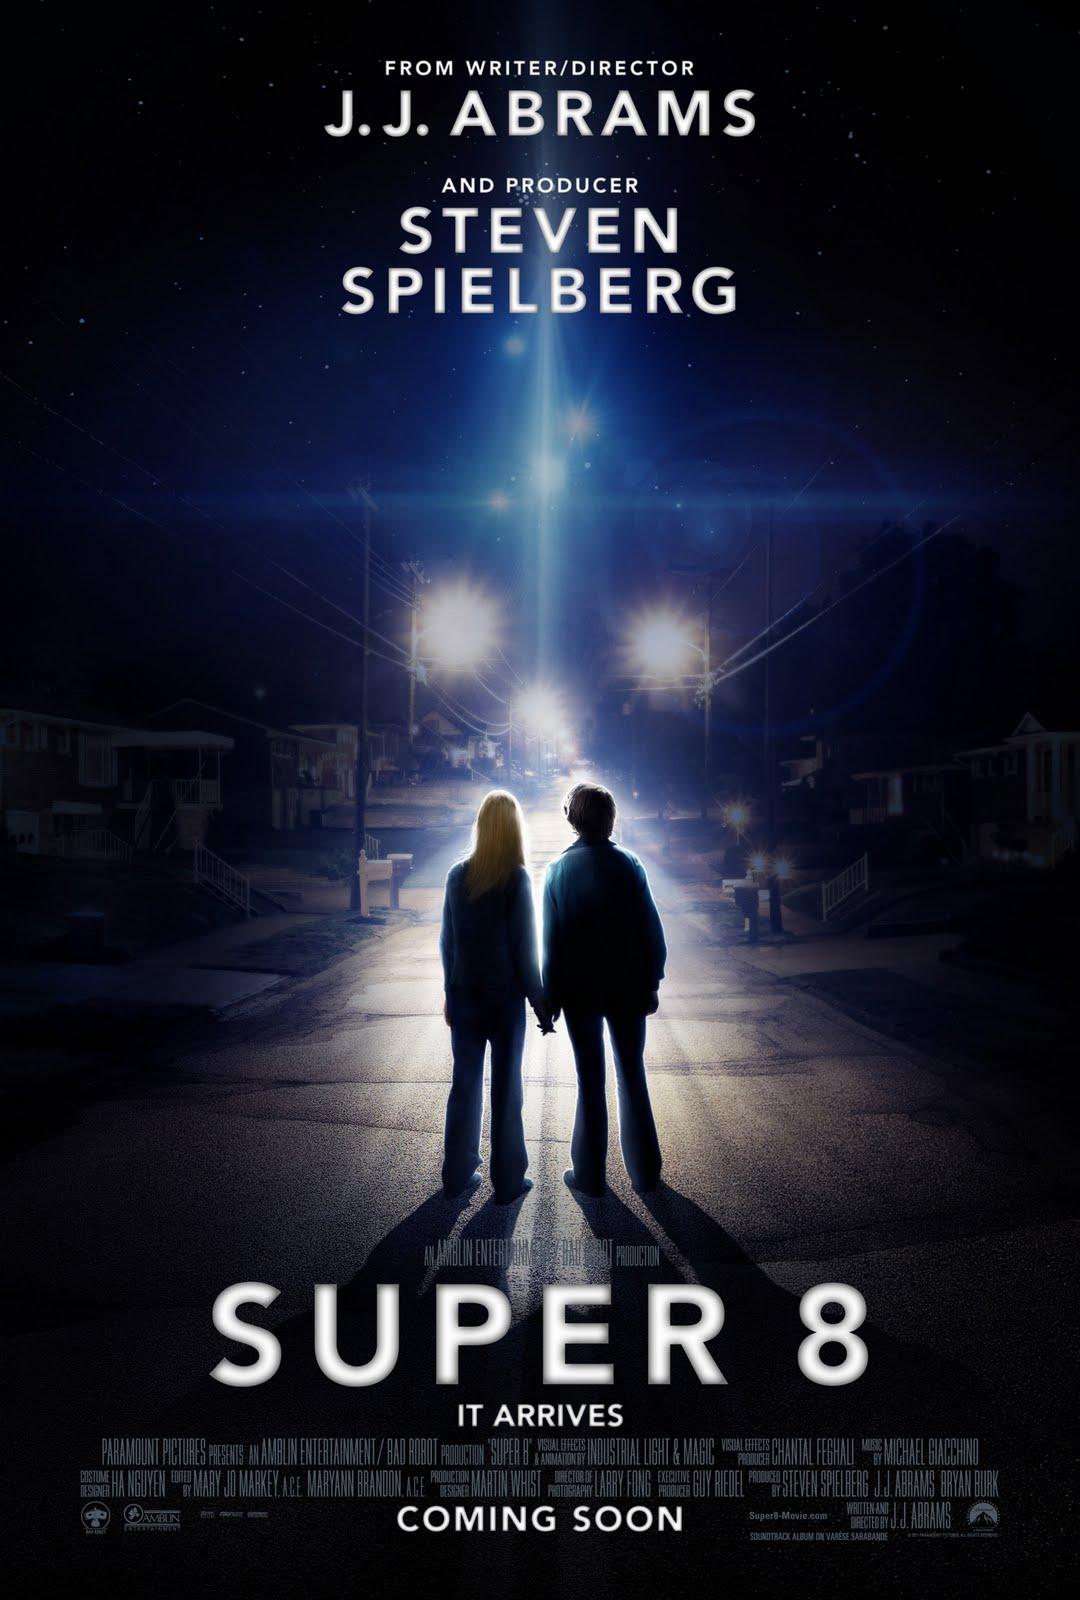 http://4.bp.blogspot.com/-zIRIIks2xvI/TnO121pADbI/AAAAAAAAAcs/WauGyxQq9qk/s1600/Super_8_poster_movie-1.jpg